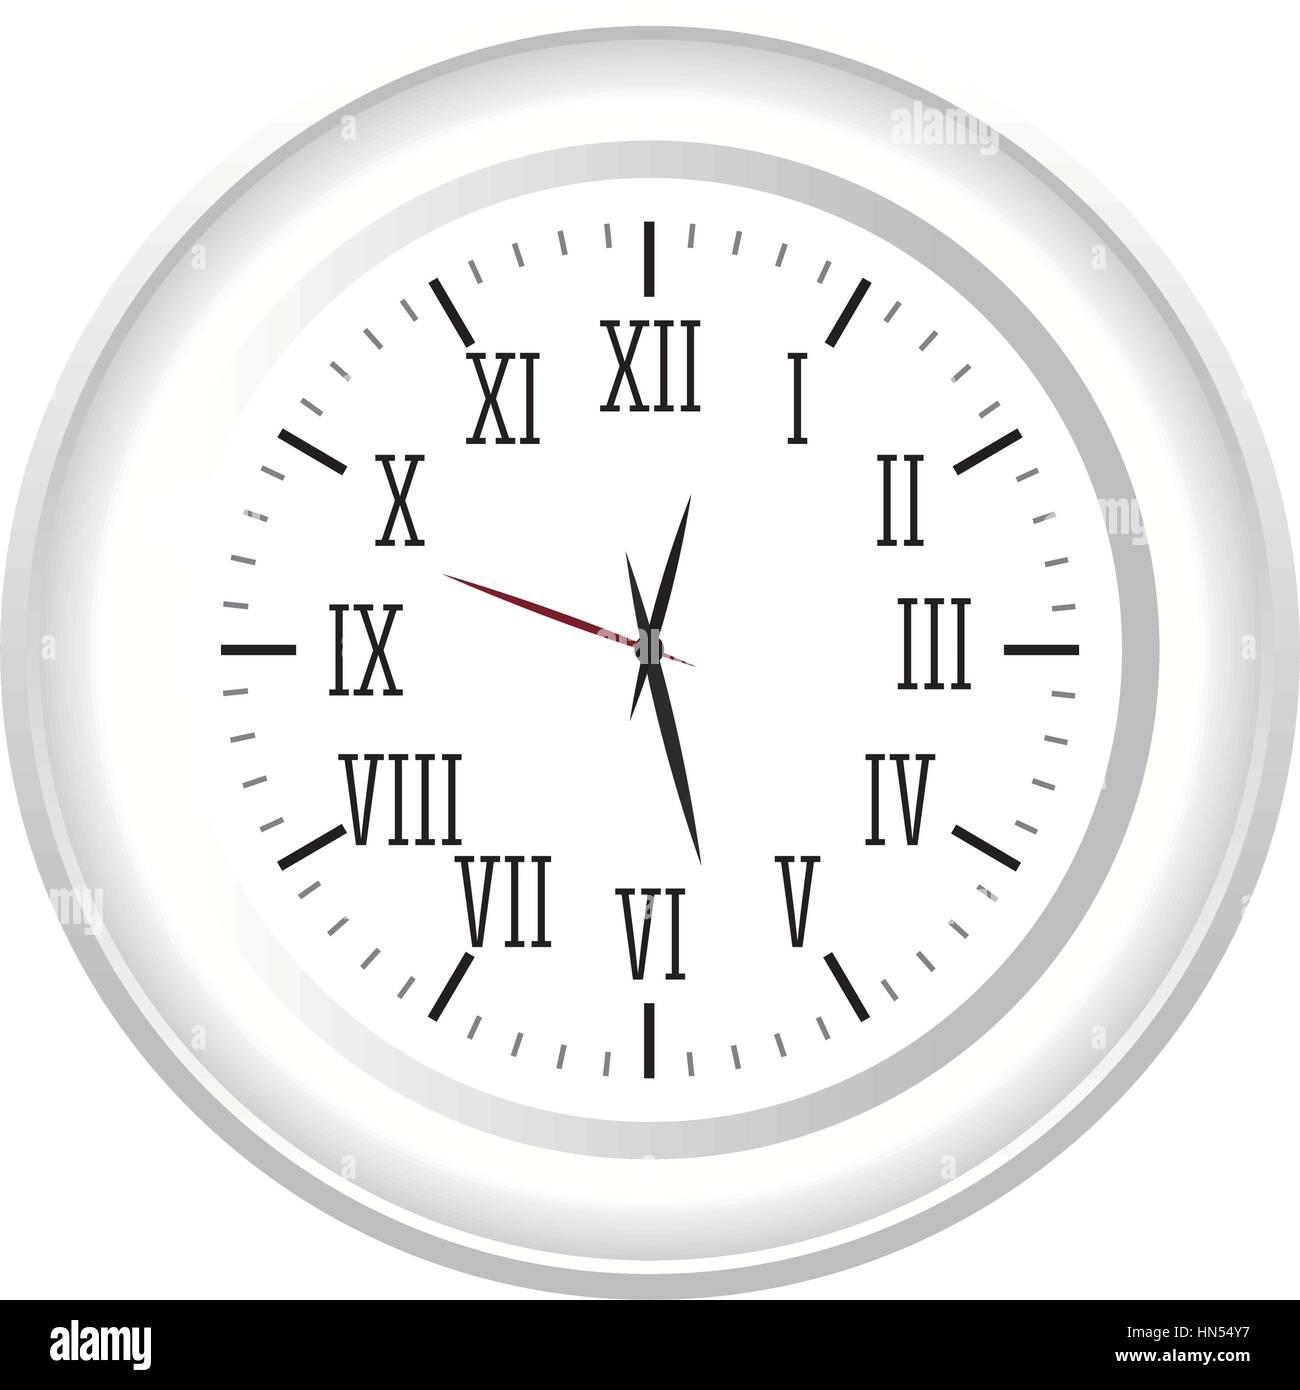 Römische Zahlen Wand Uhr Symbol Bild Vektor Illustration Design